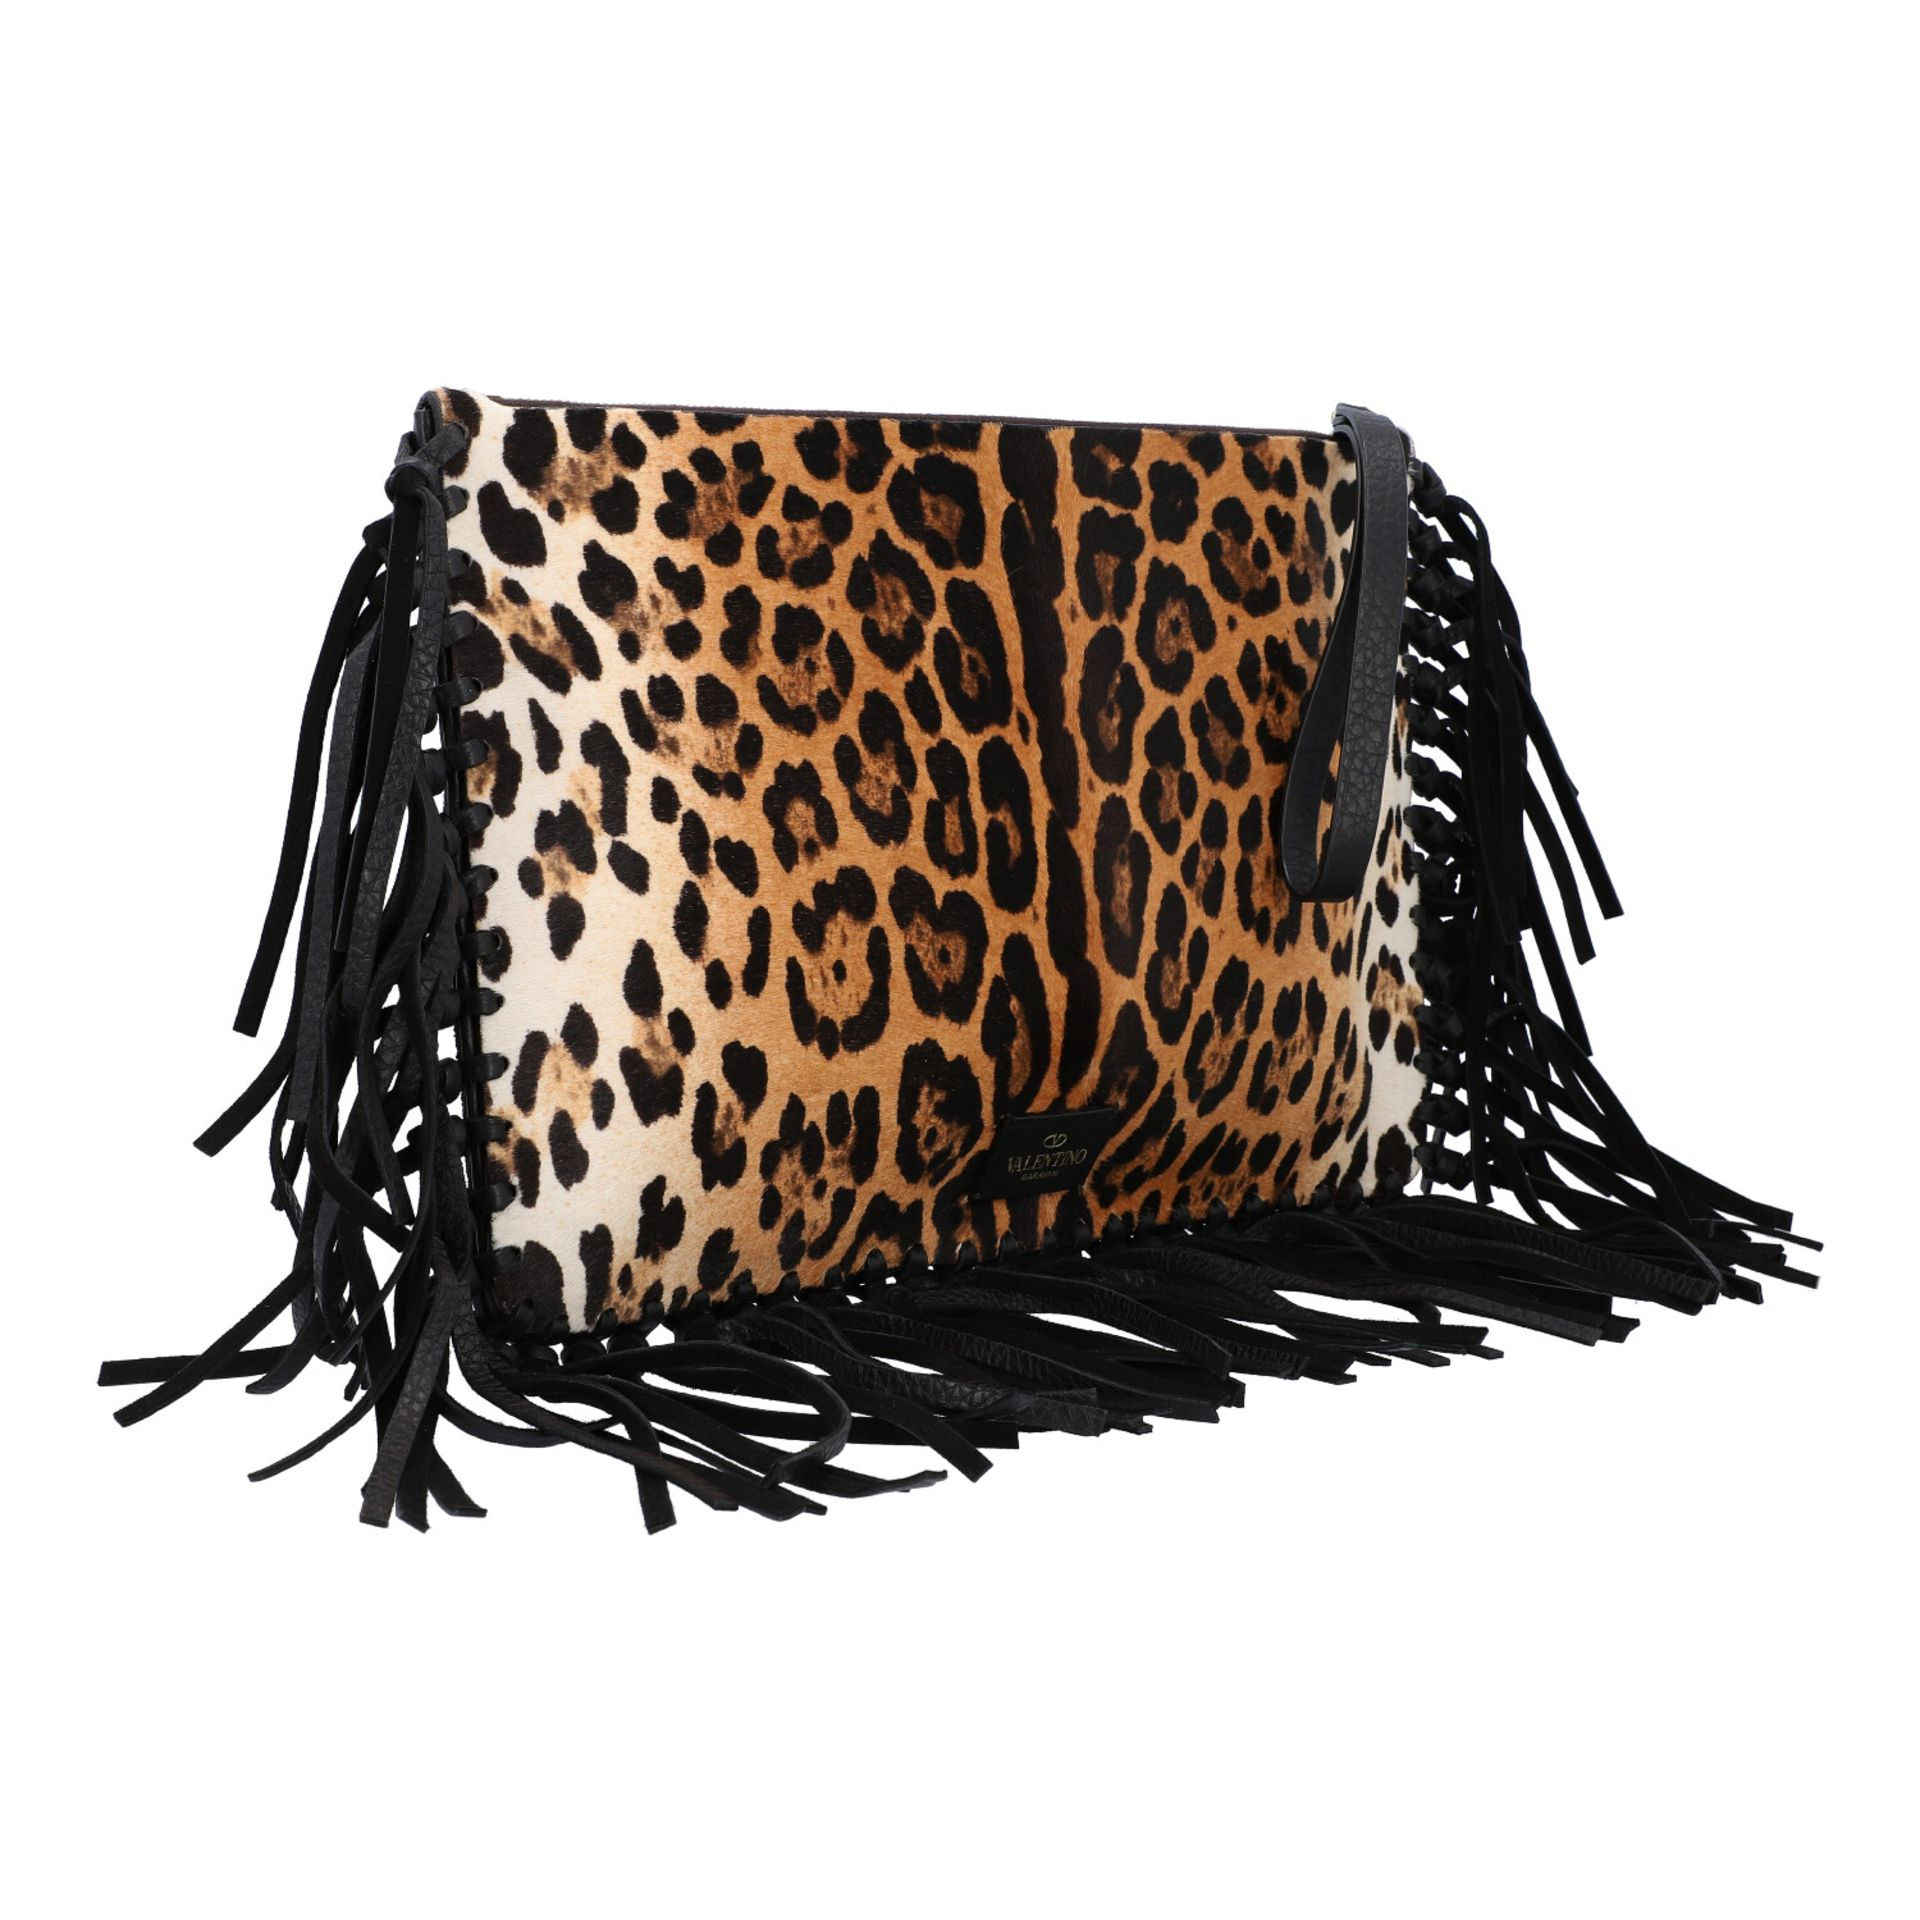 VALENTINO Clutch. Fell im Leoparden-Design mit Fransendetail an den Kanten aus schwarz - Image 2 of 8